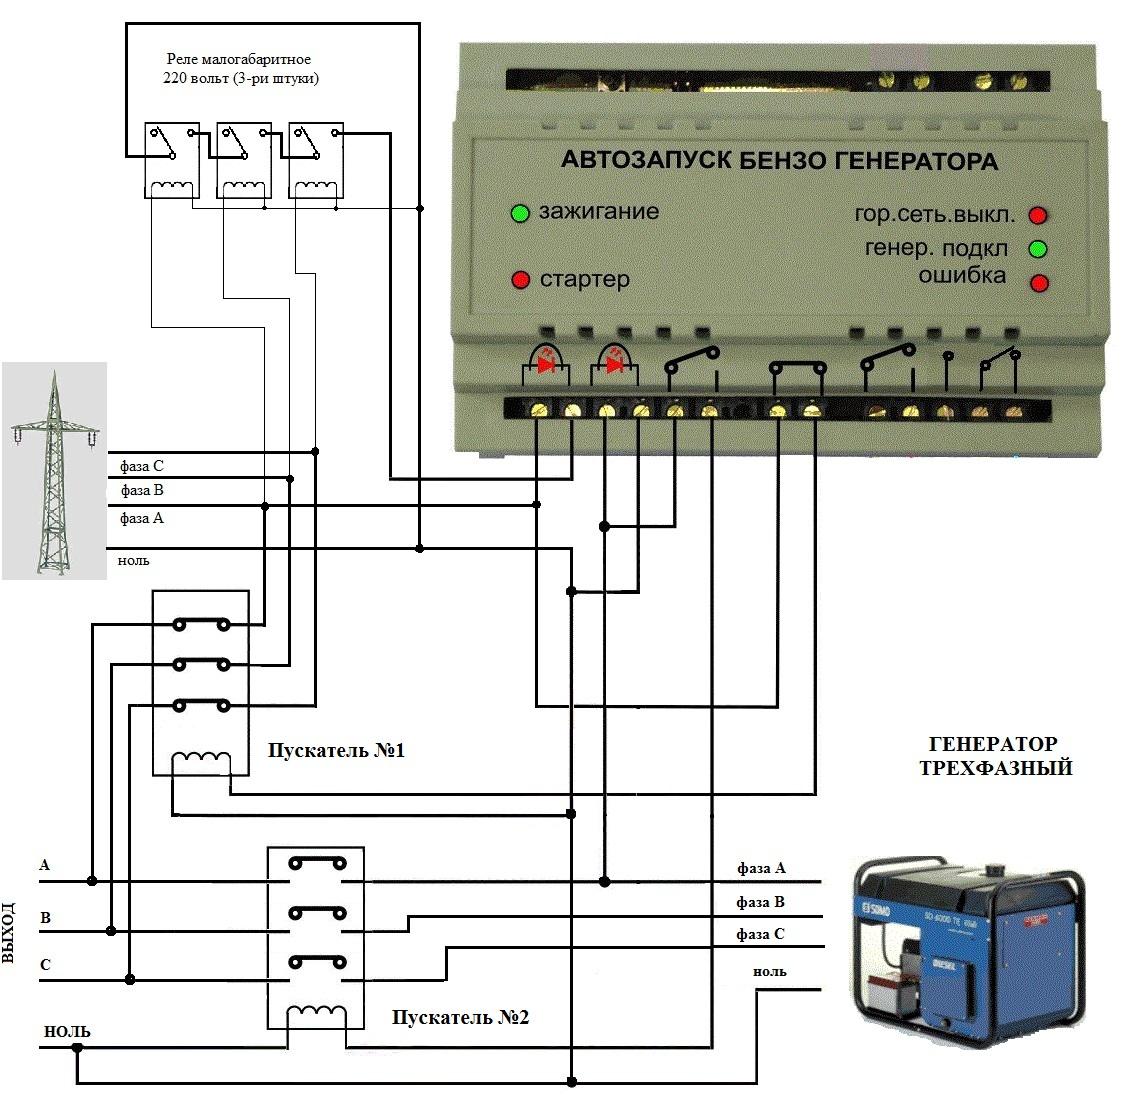 Схема подключения дизель-генератор с автозапуском